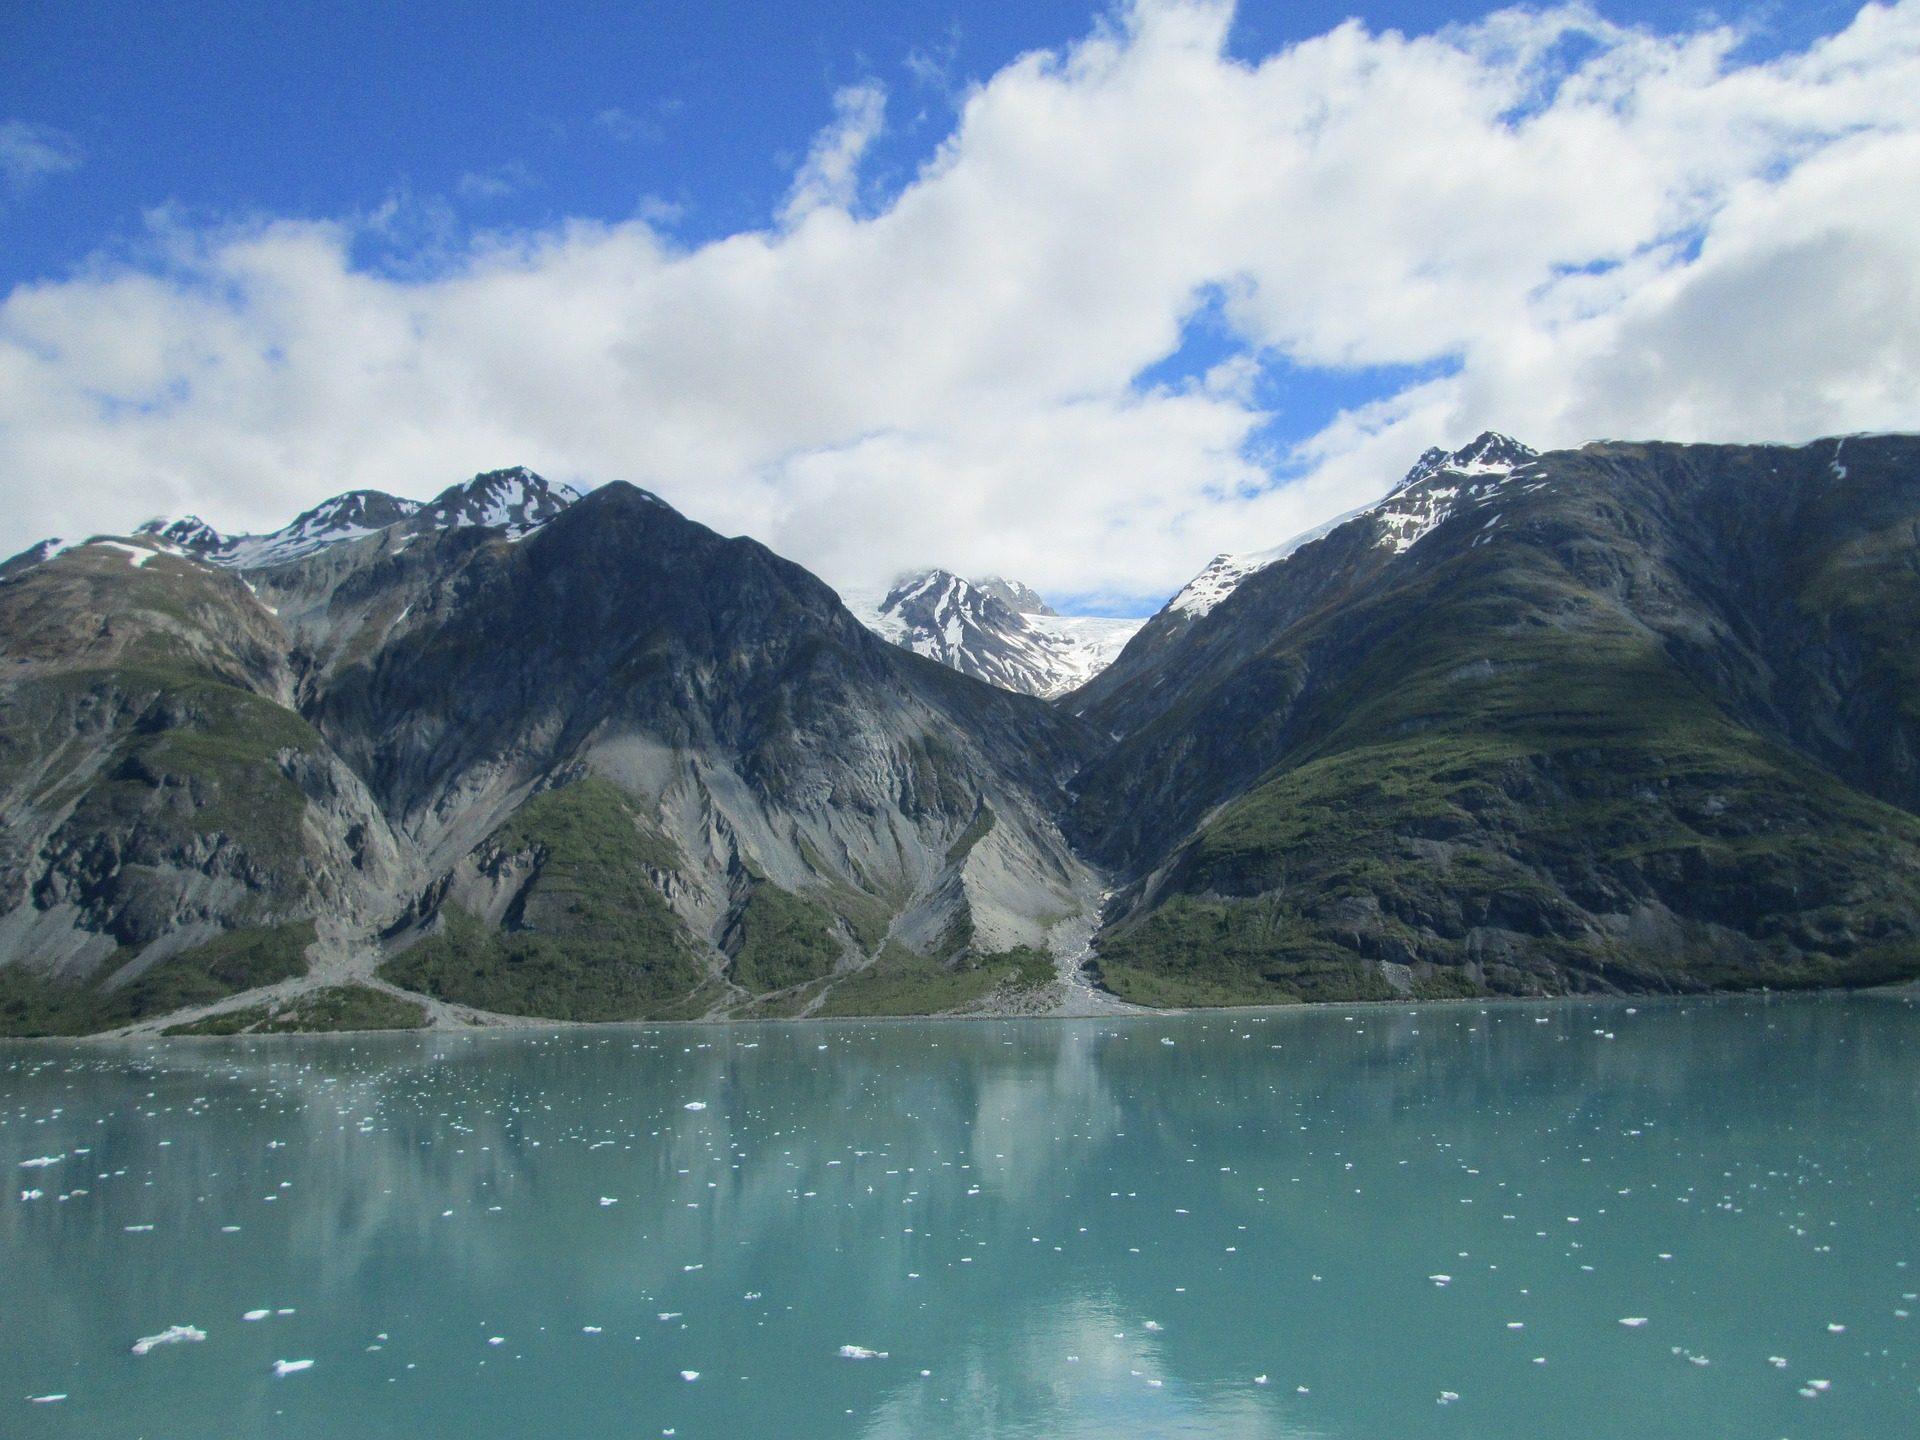 montañas, neve, Mar, Oceano, Pizza, Alasca - Papéis de parede HD - Professor-falken.com